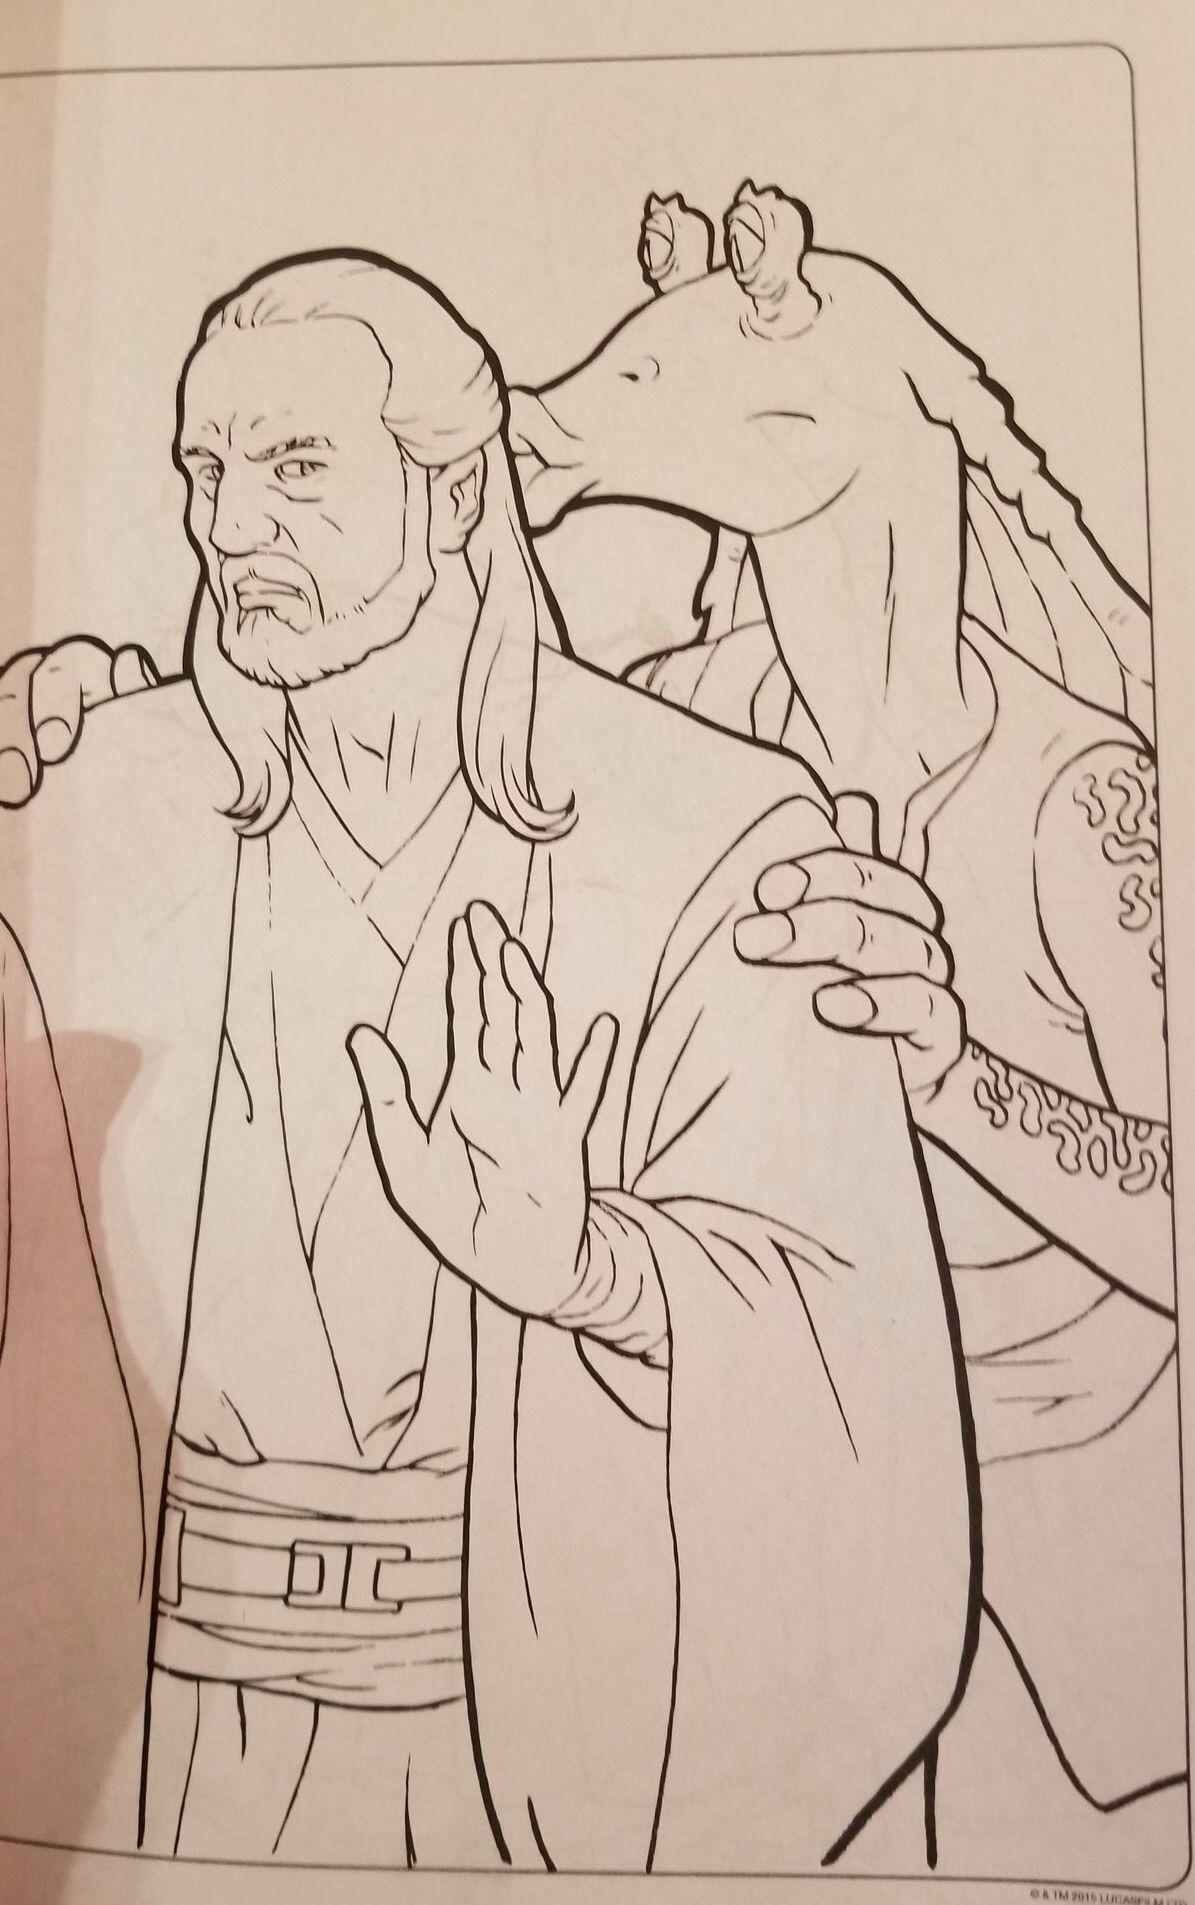 Jesus Being Tempted By Satan In The Desert Ad 29 Fakehistoryporn Slutsandguts Star Wars Humor Star Wars Nerd Star Wars Memes